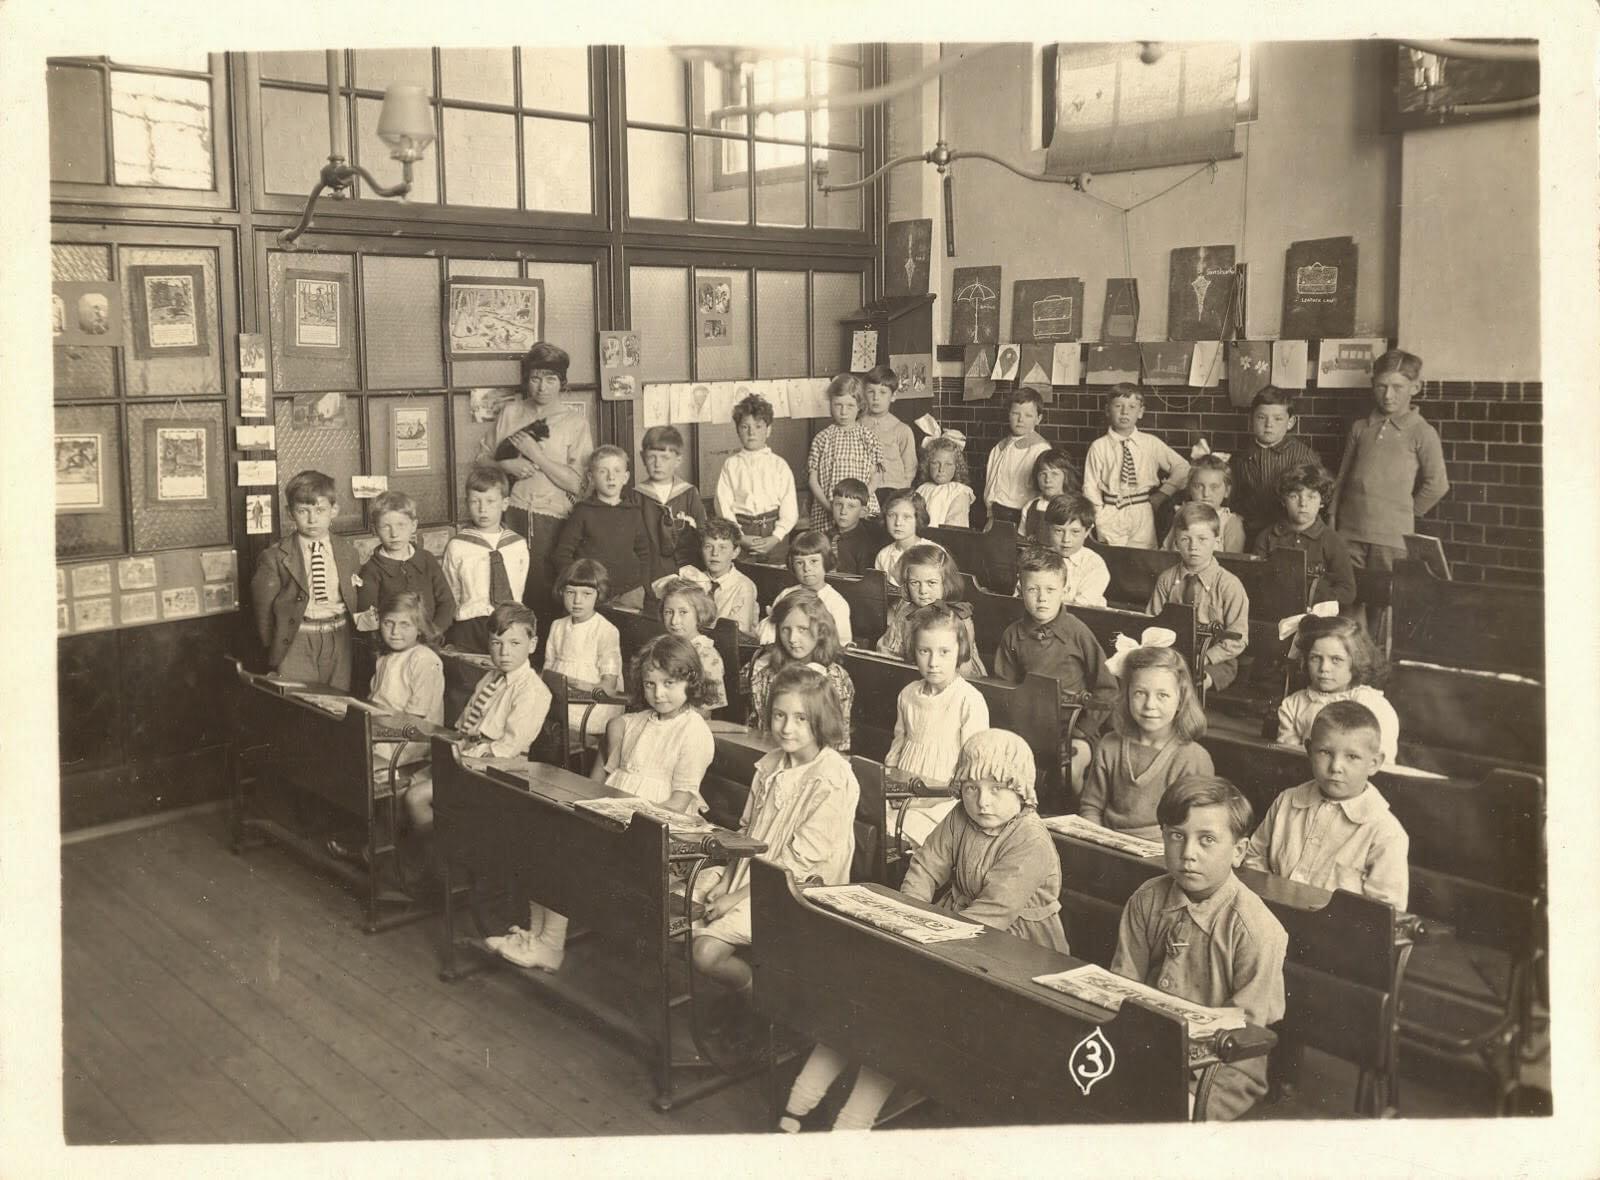 Старовинна світлина учнів лондонської початкової школи: знайдіть кота на цьому фото.